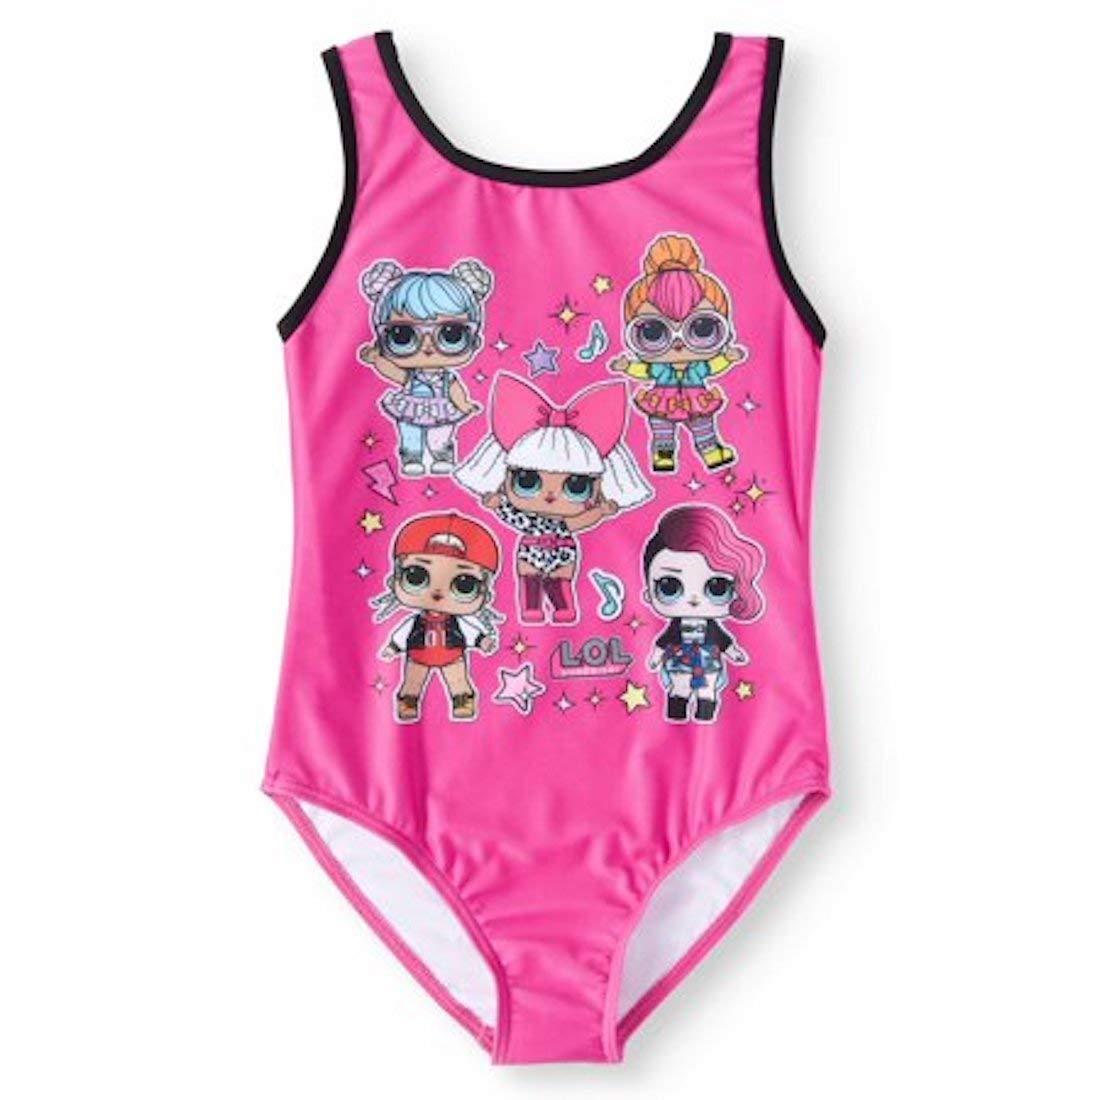 Girls Magic Pink Bathing Suit 6X L.O.L Surprise